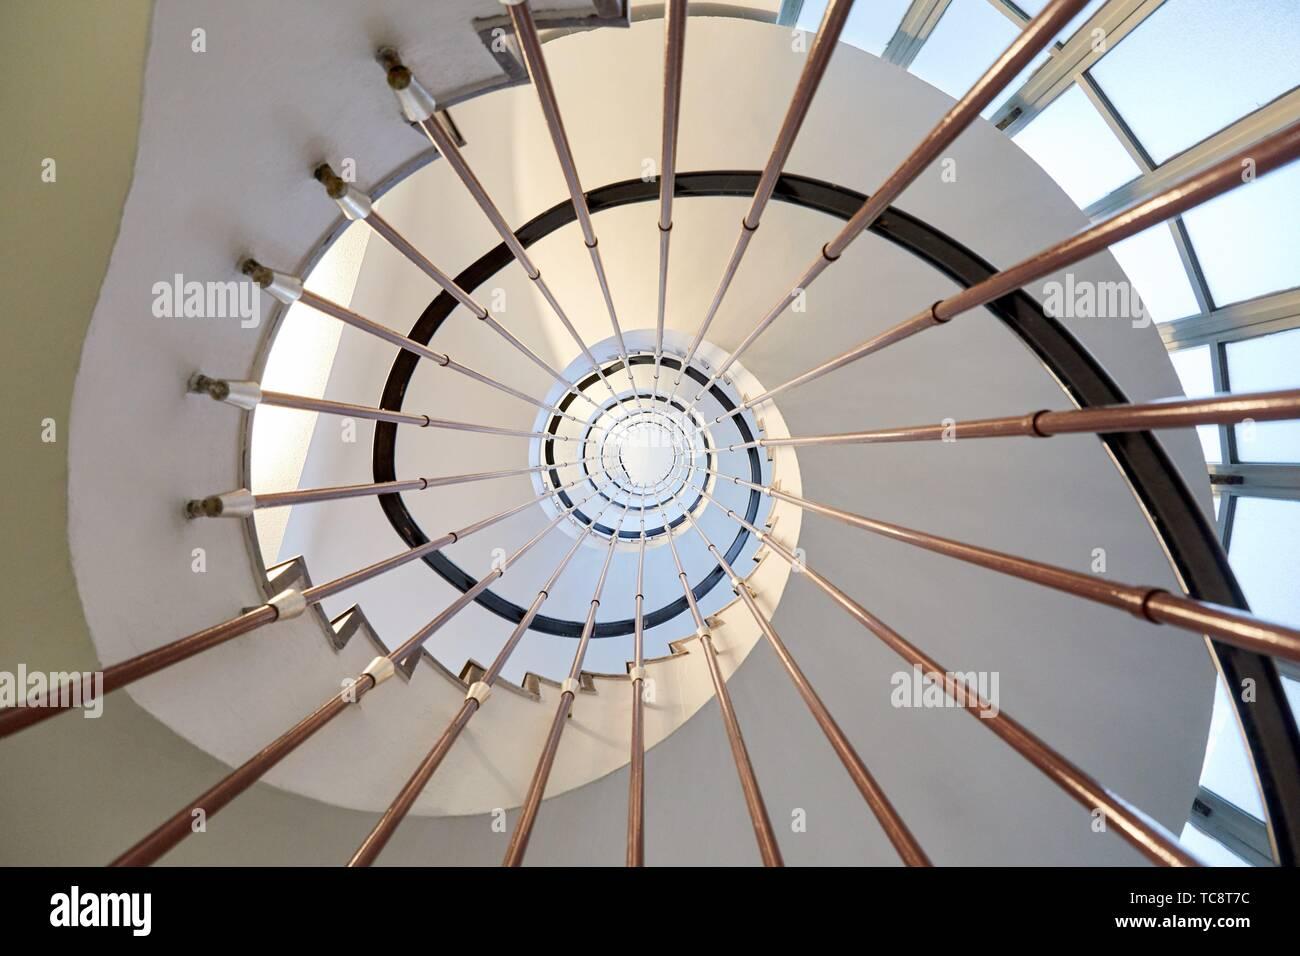 Escaliers, hôpital Donostia, San Sebastian, Gipuzkoa, Pays Basque, Espagne Photo Stock